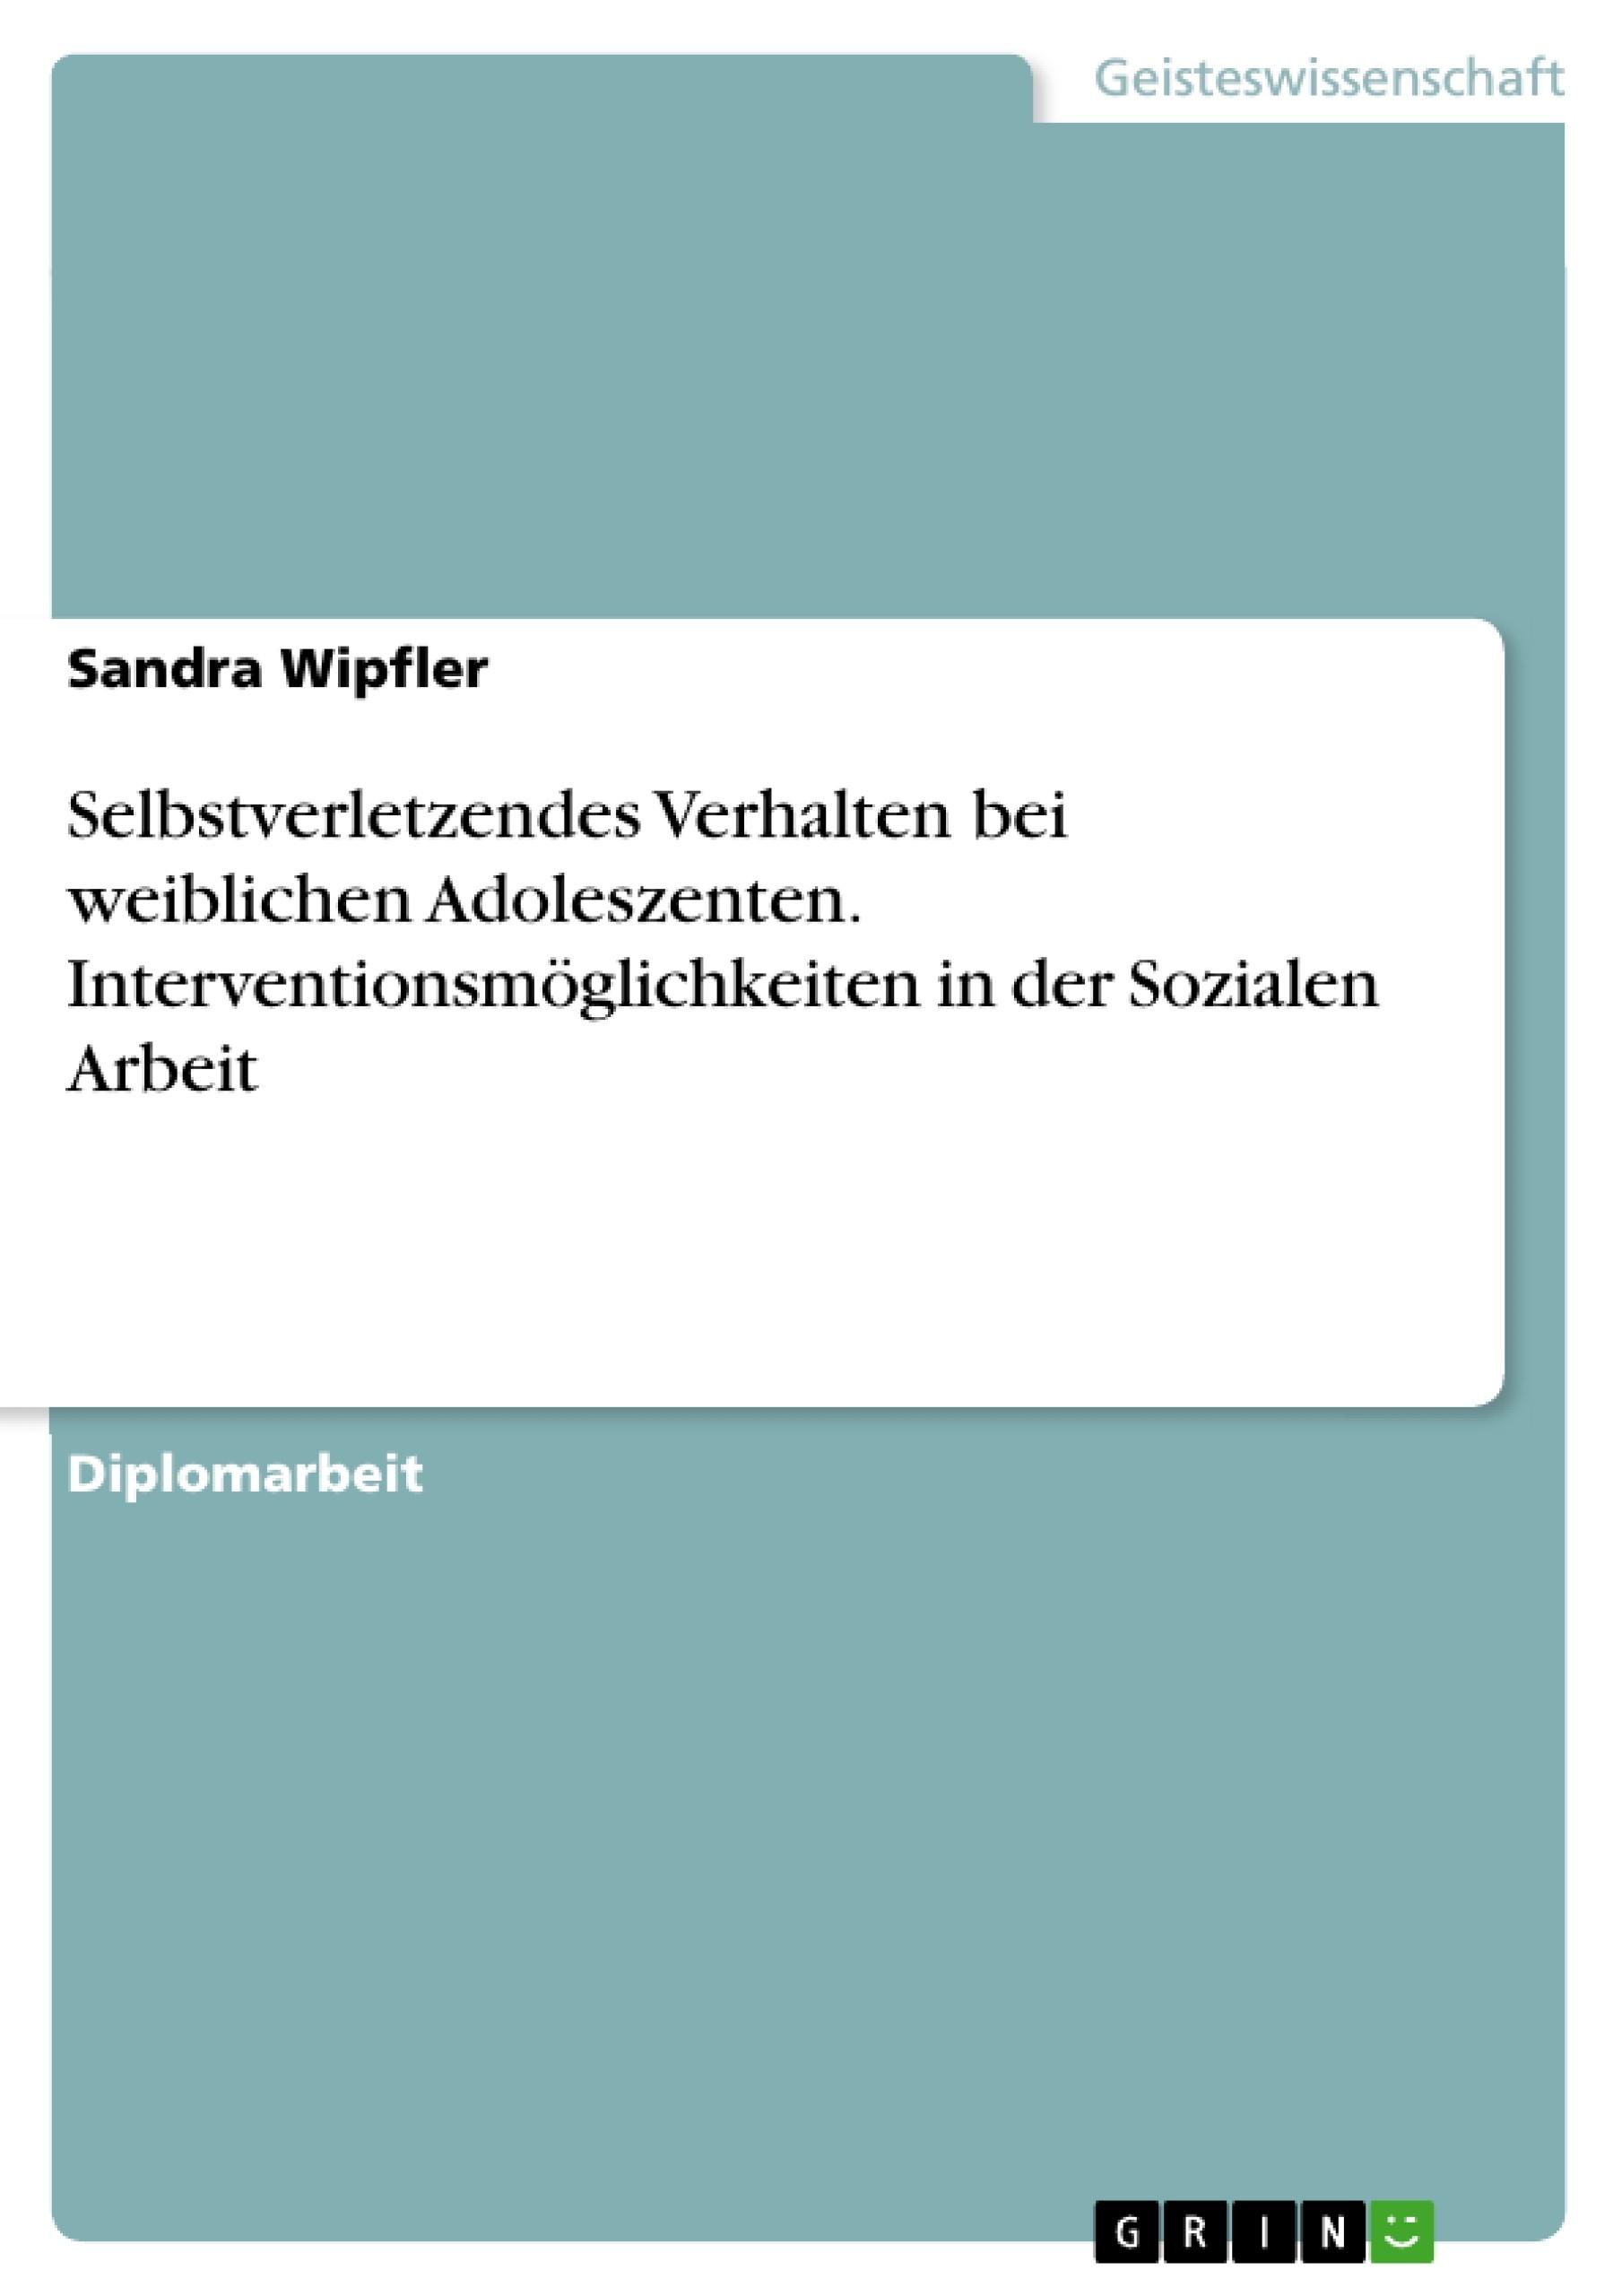 Titel: Selbstverletzendes Verhalten bei weiblichen Adoleszenten. Interventionsmöglichkeiten in der Sozialen Arbeit